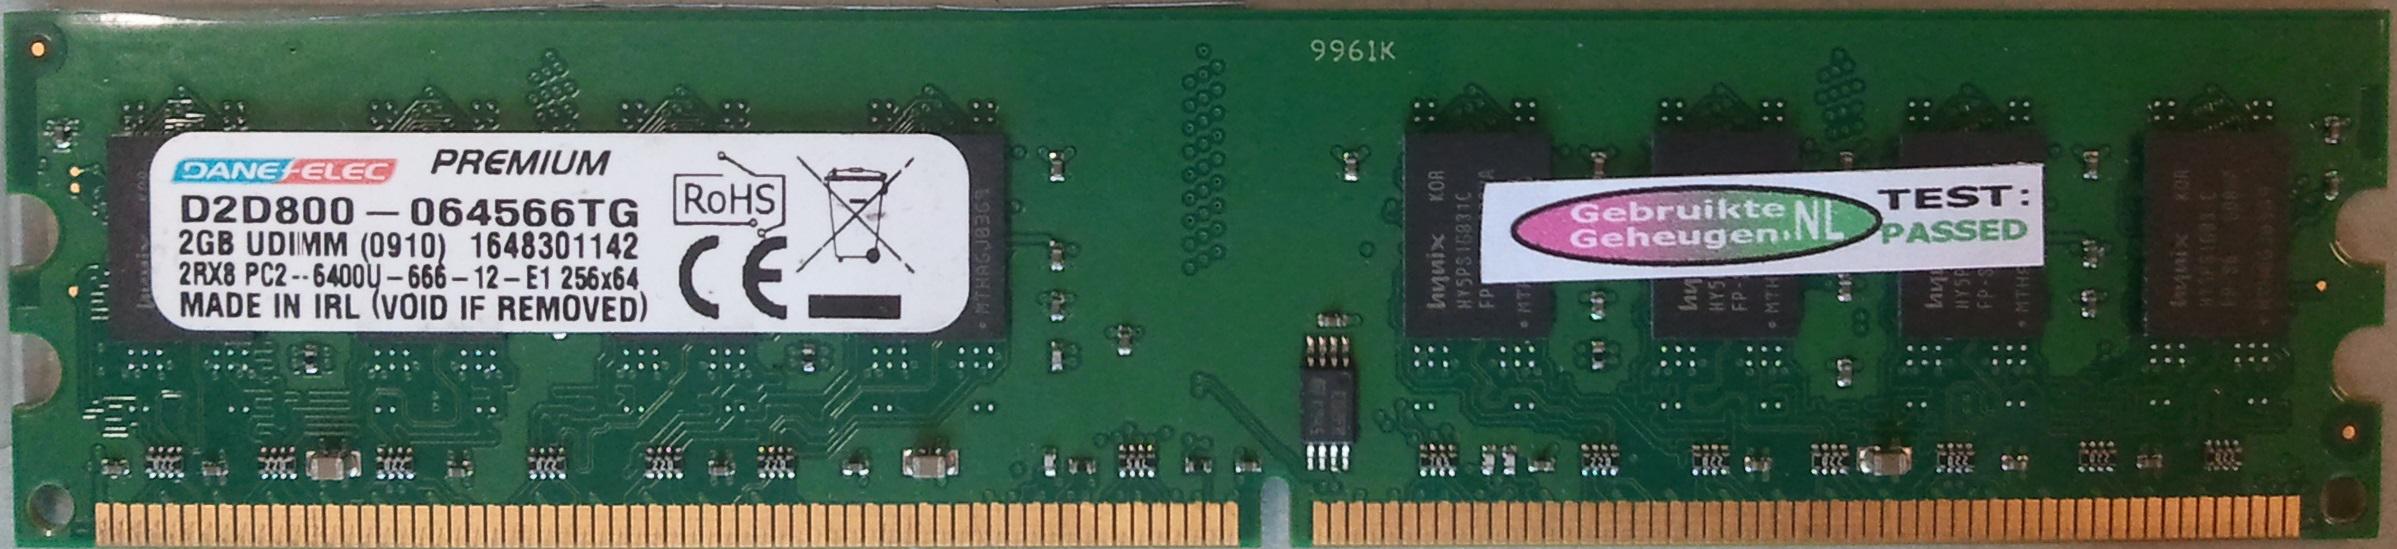 2Rx8 PC2-6400U-666-12-E1